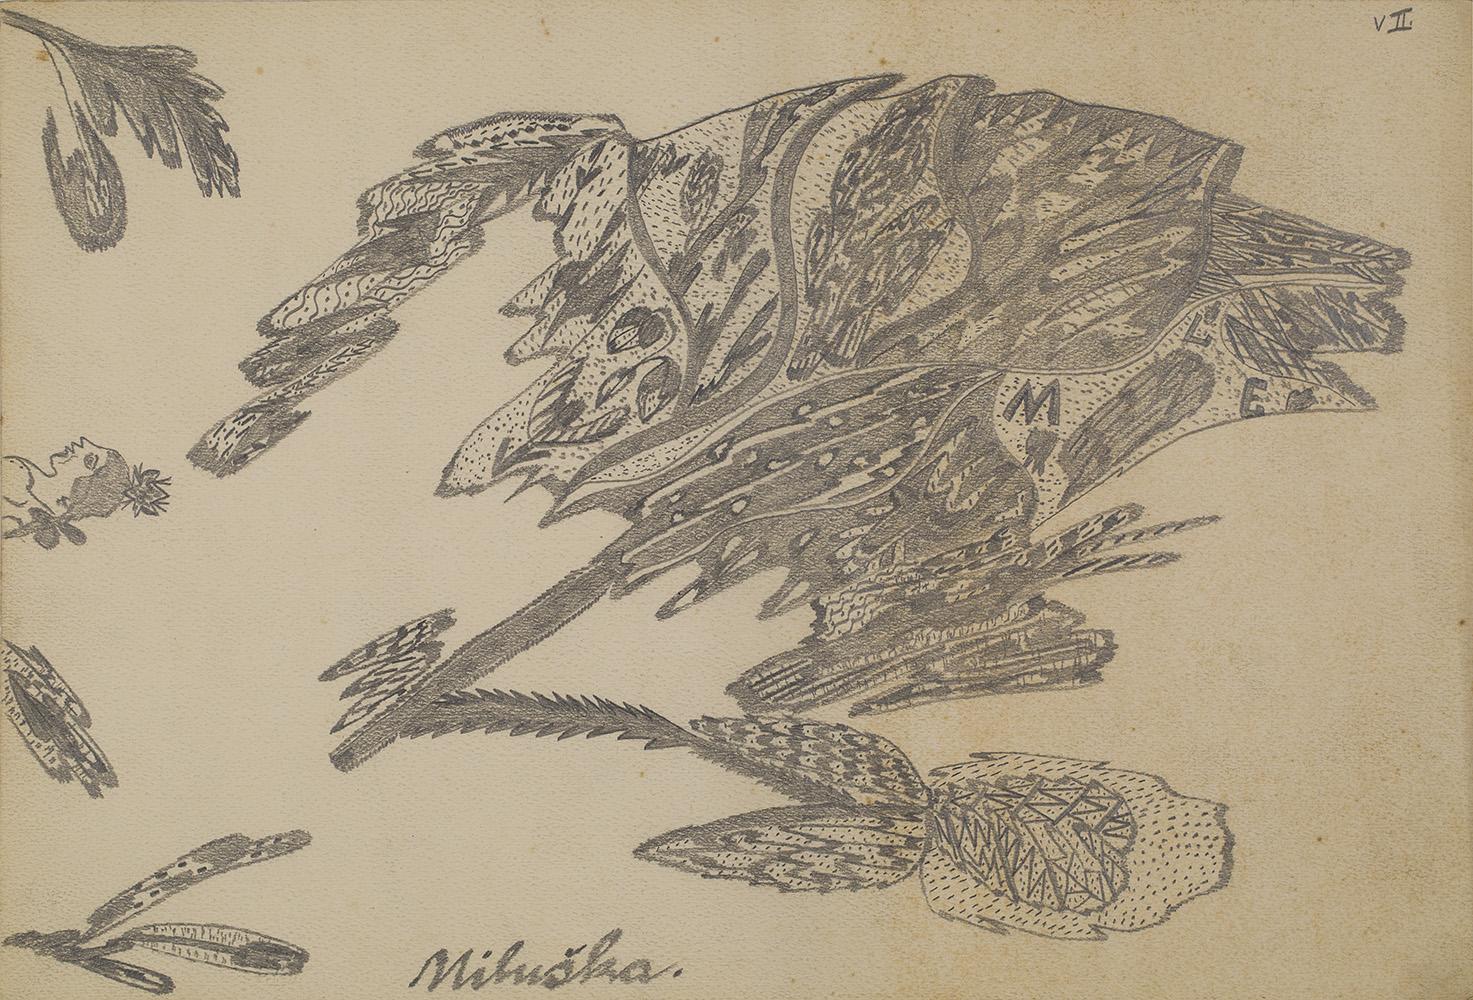 Josefa Štěpánková    Untitled  , 1920s Pencil on paper 11.81 x 17.32 inches 30 x 44 cm JoSt 6